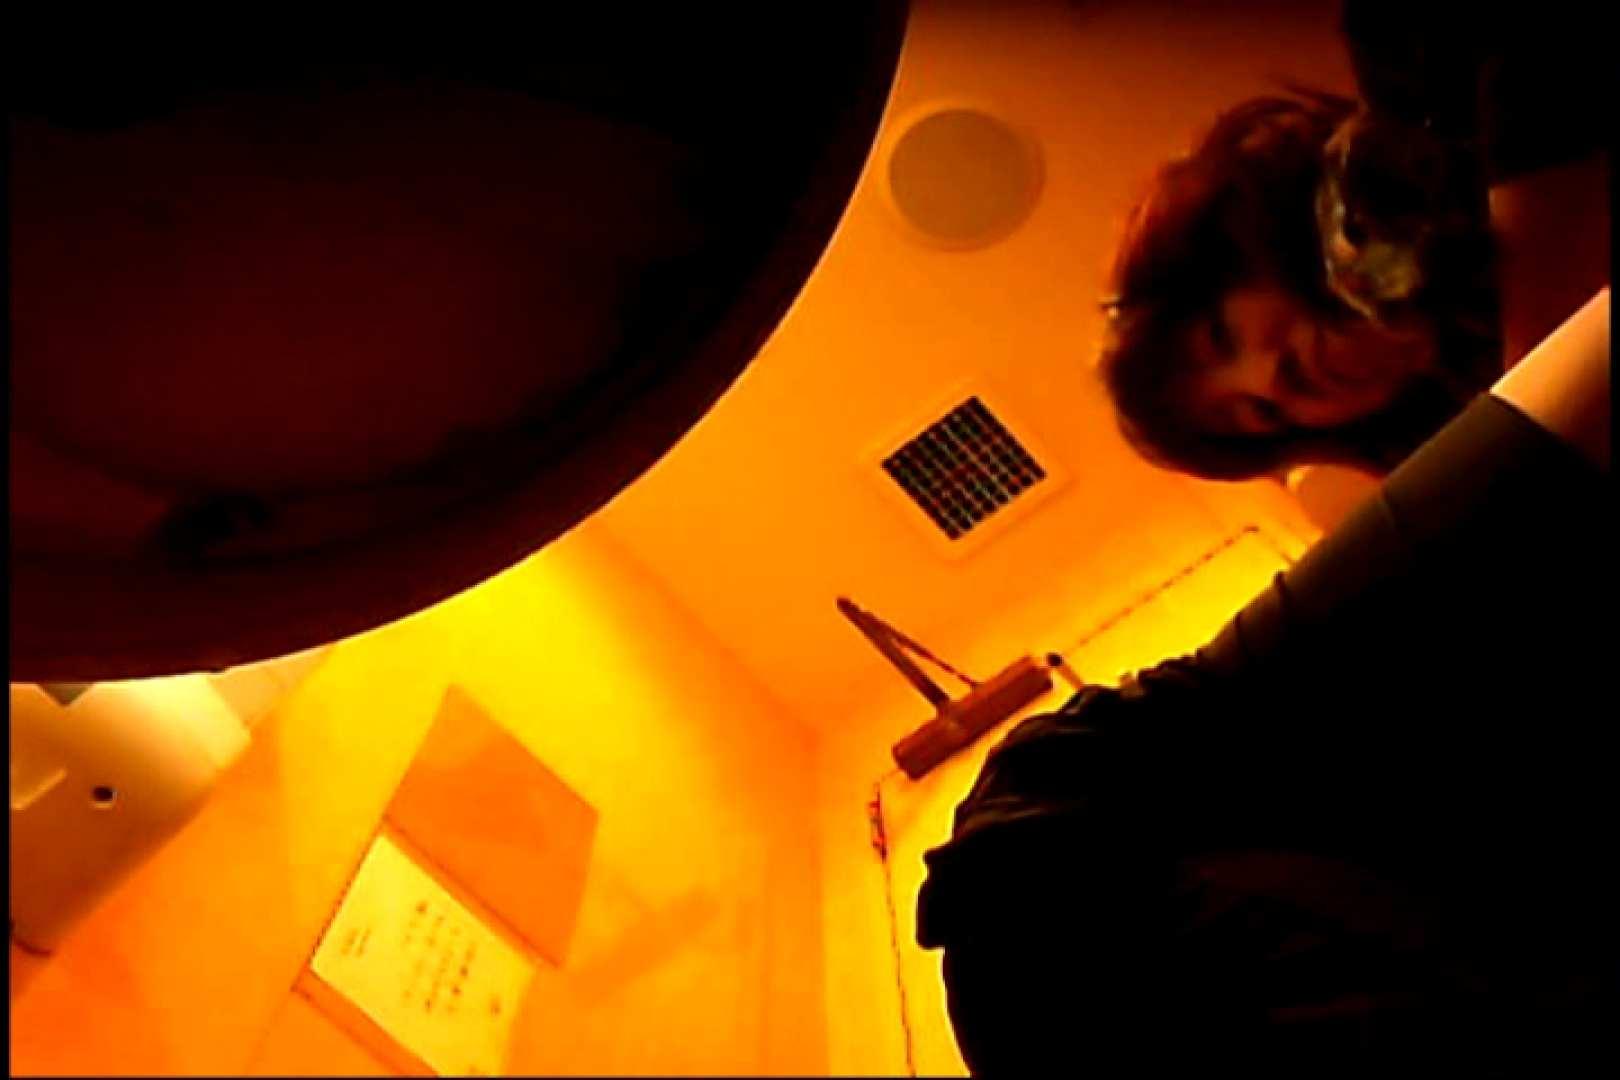 画質向上!新亀さん厠 vol.37 OL女体 性交動画流出 94連発 56